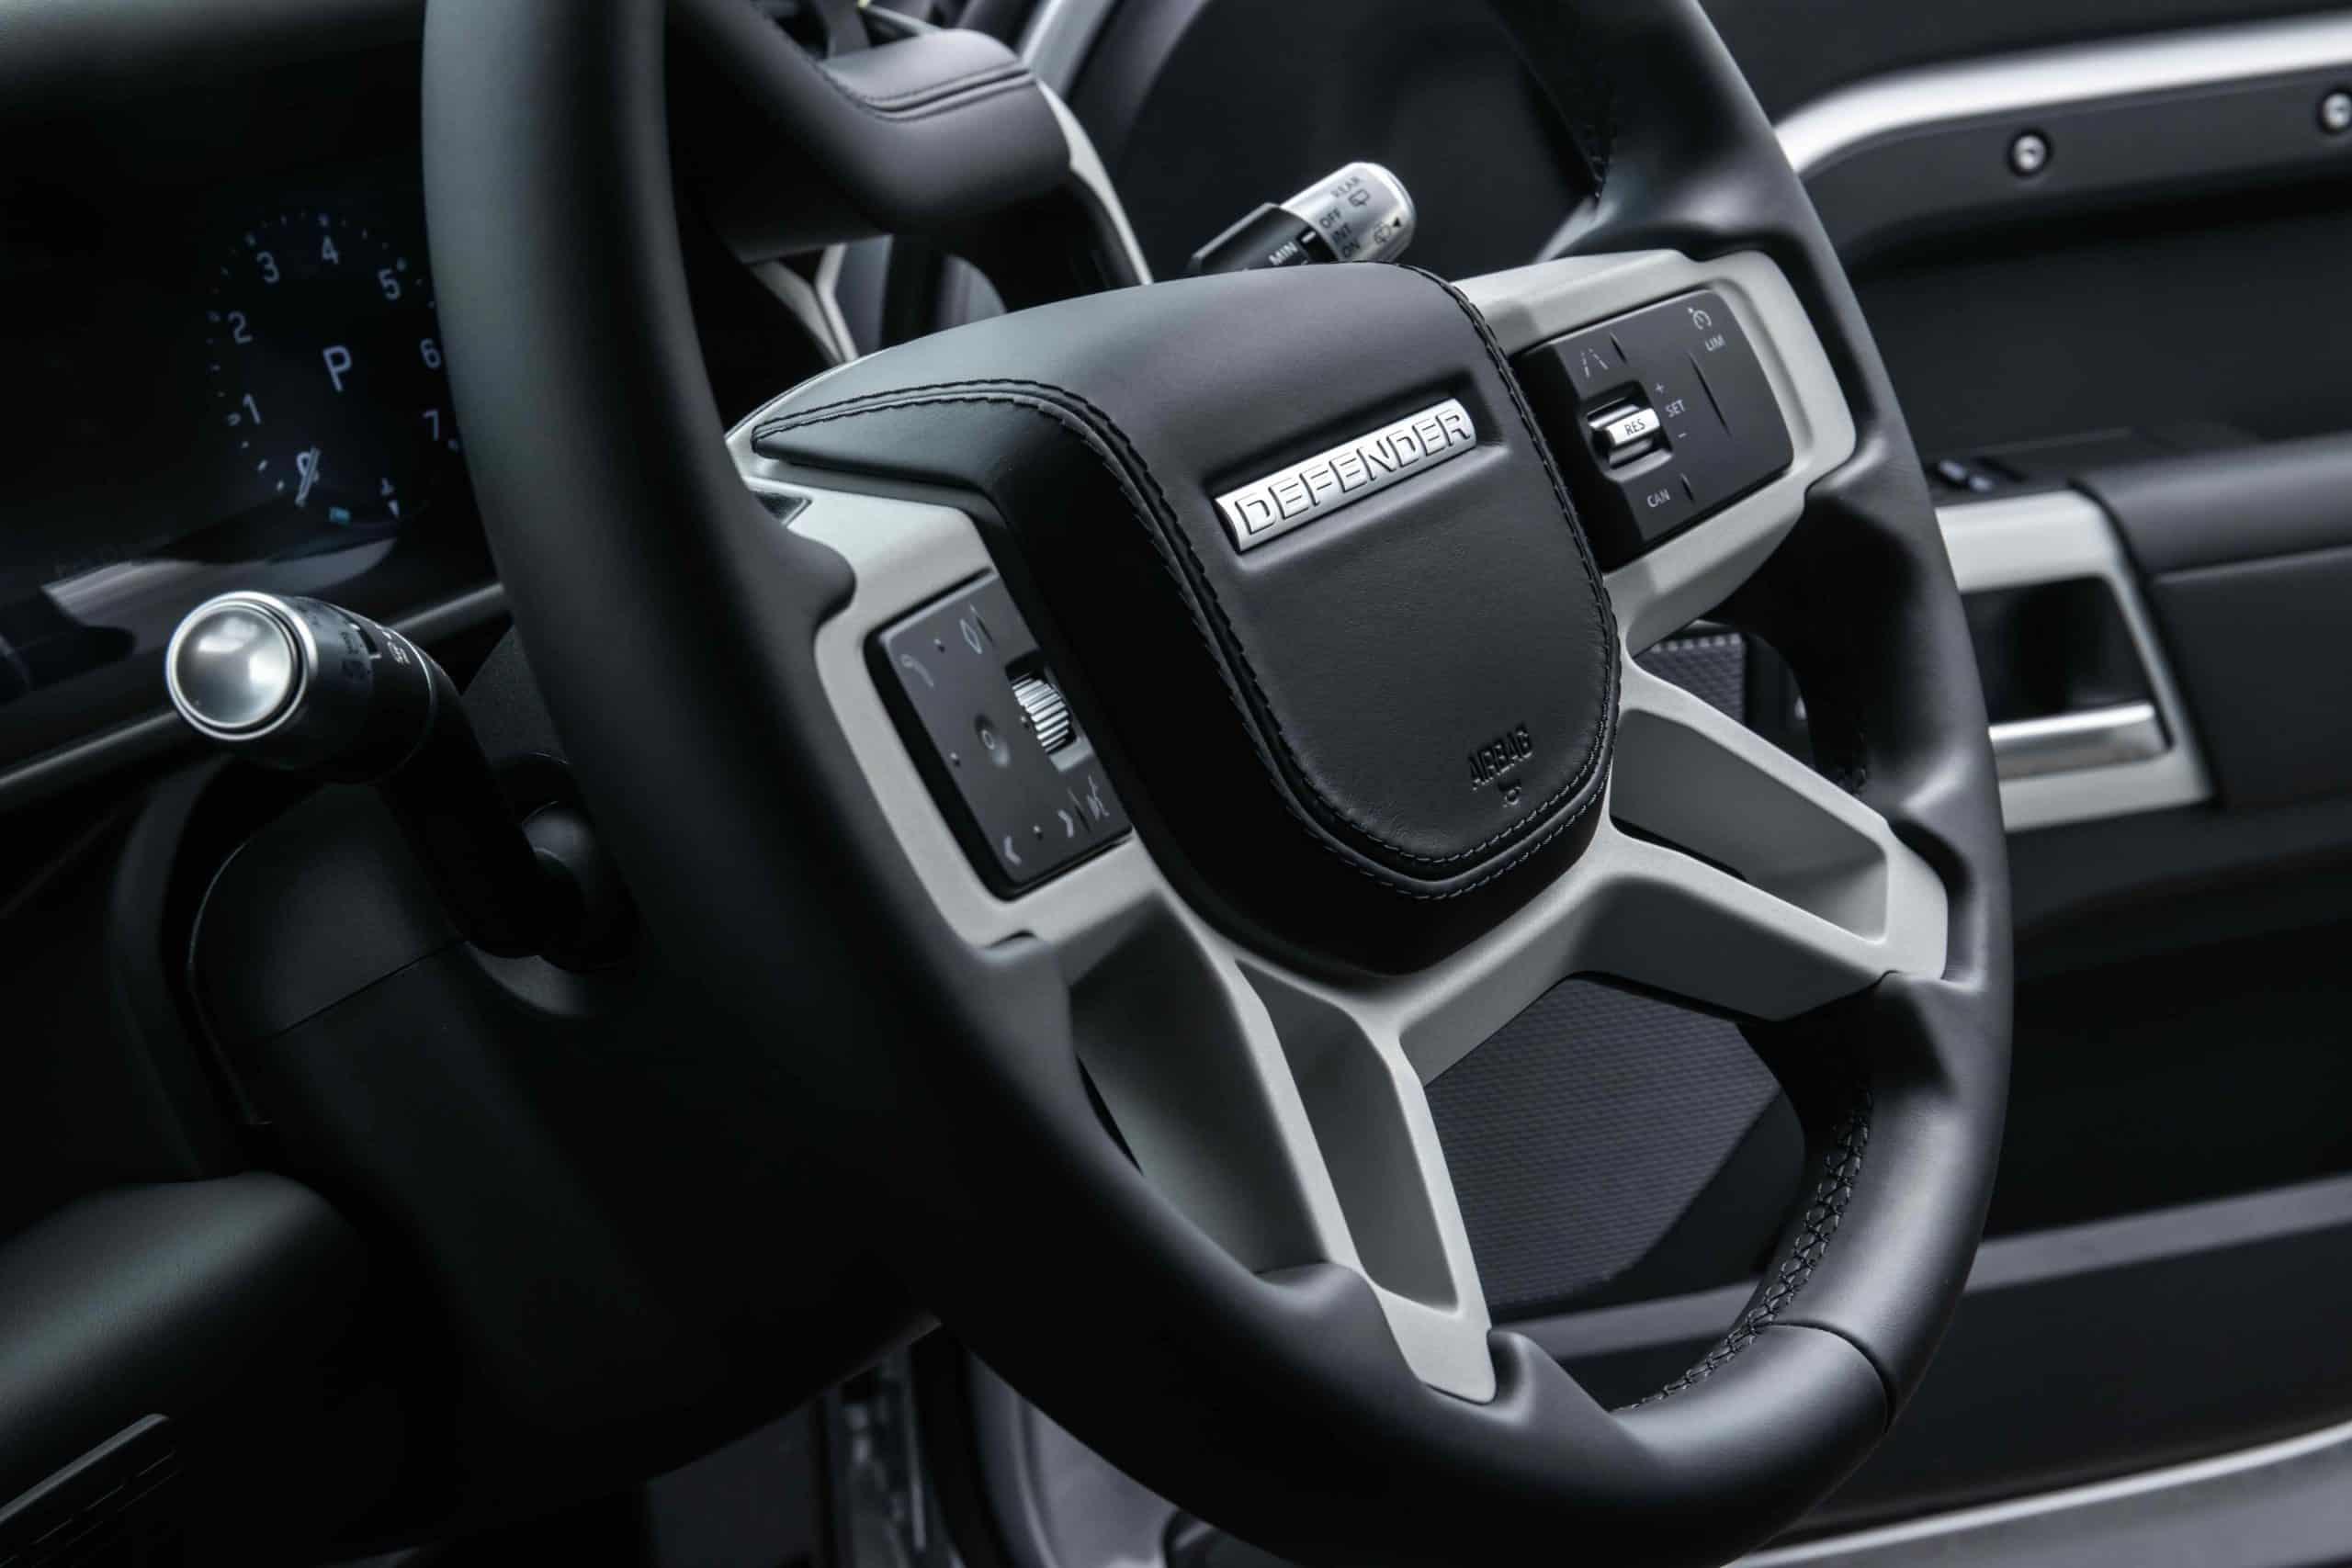 new Defender steering wheel